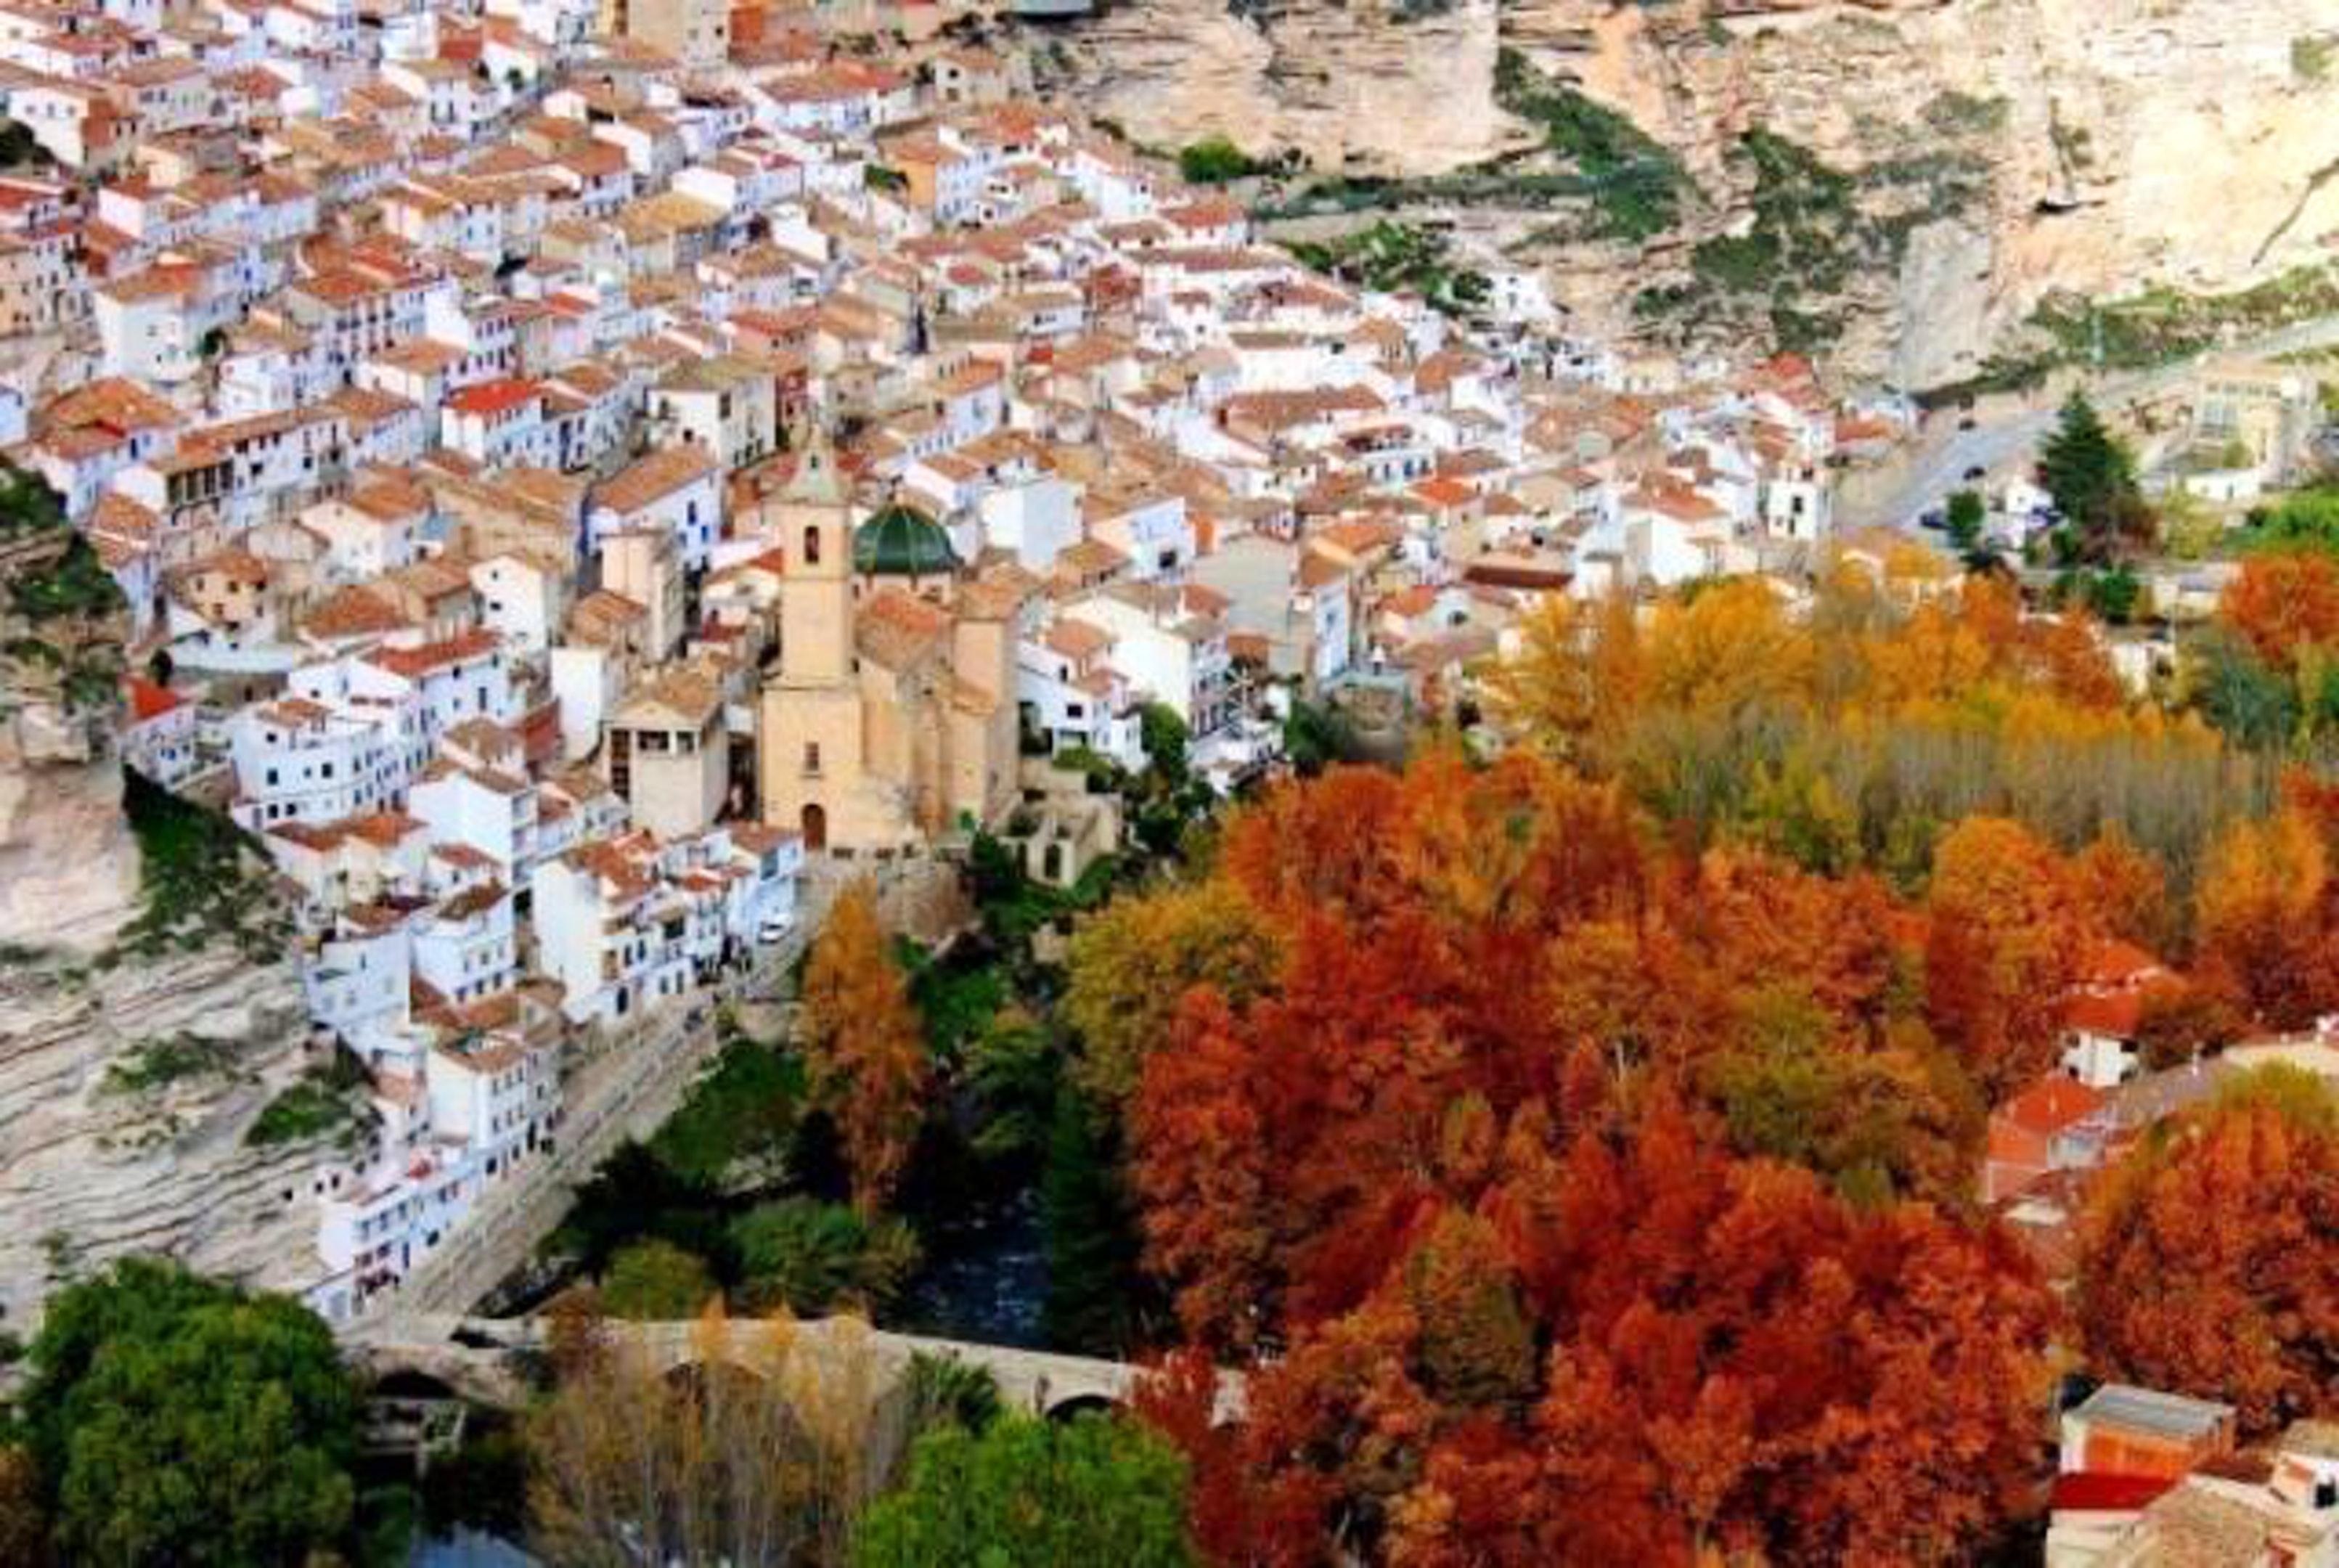 Ferienhaus Haus mit 5 Schlafzimmern in Casas del Cerro mit toller Aussicht auf die Berge und möbliert (2201517), Casas del Cerro, Albacete, Kastilien-La Mancha, Spanien, Bild 43